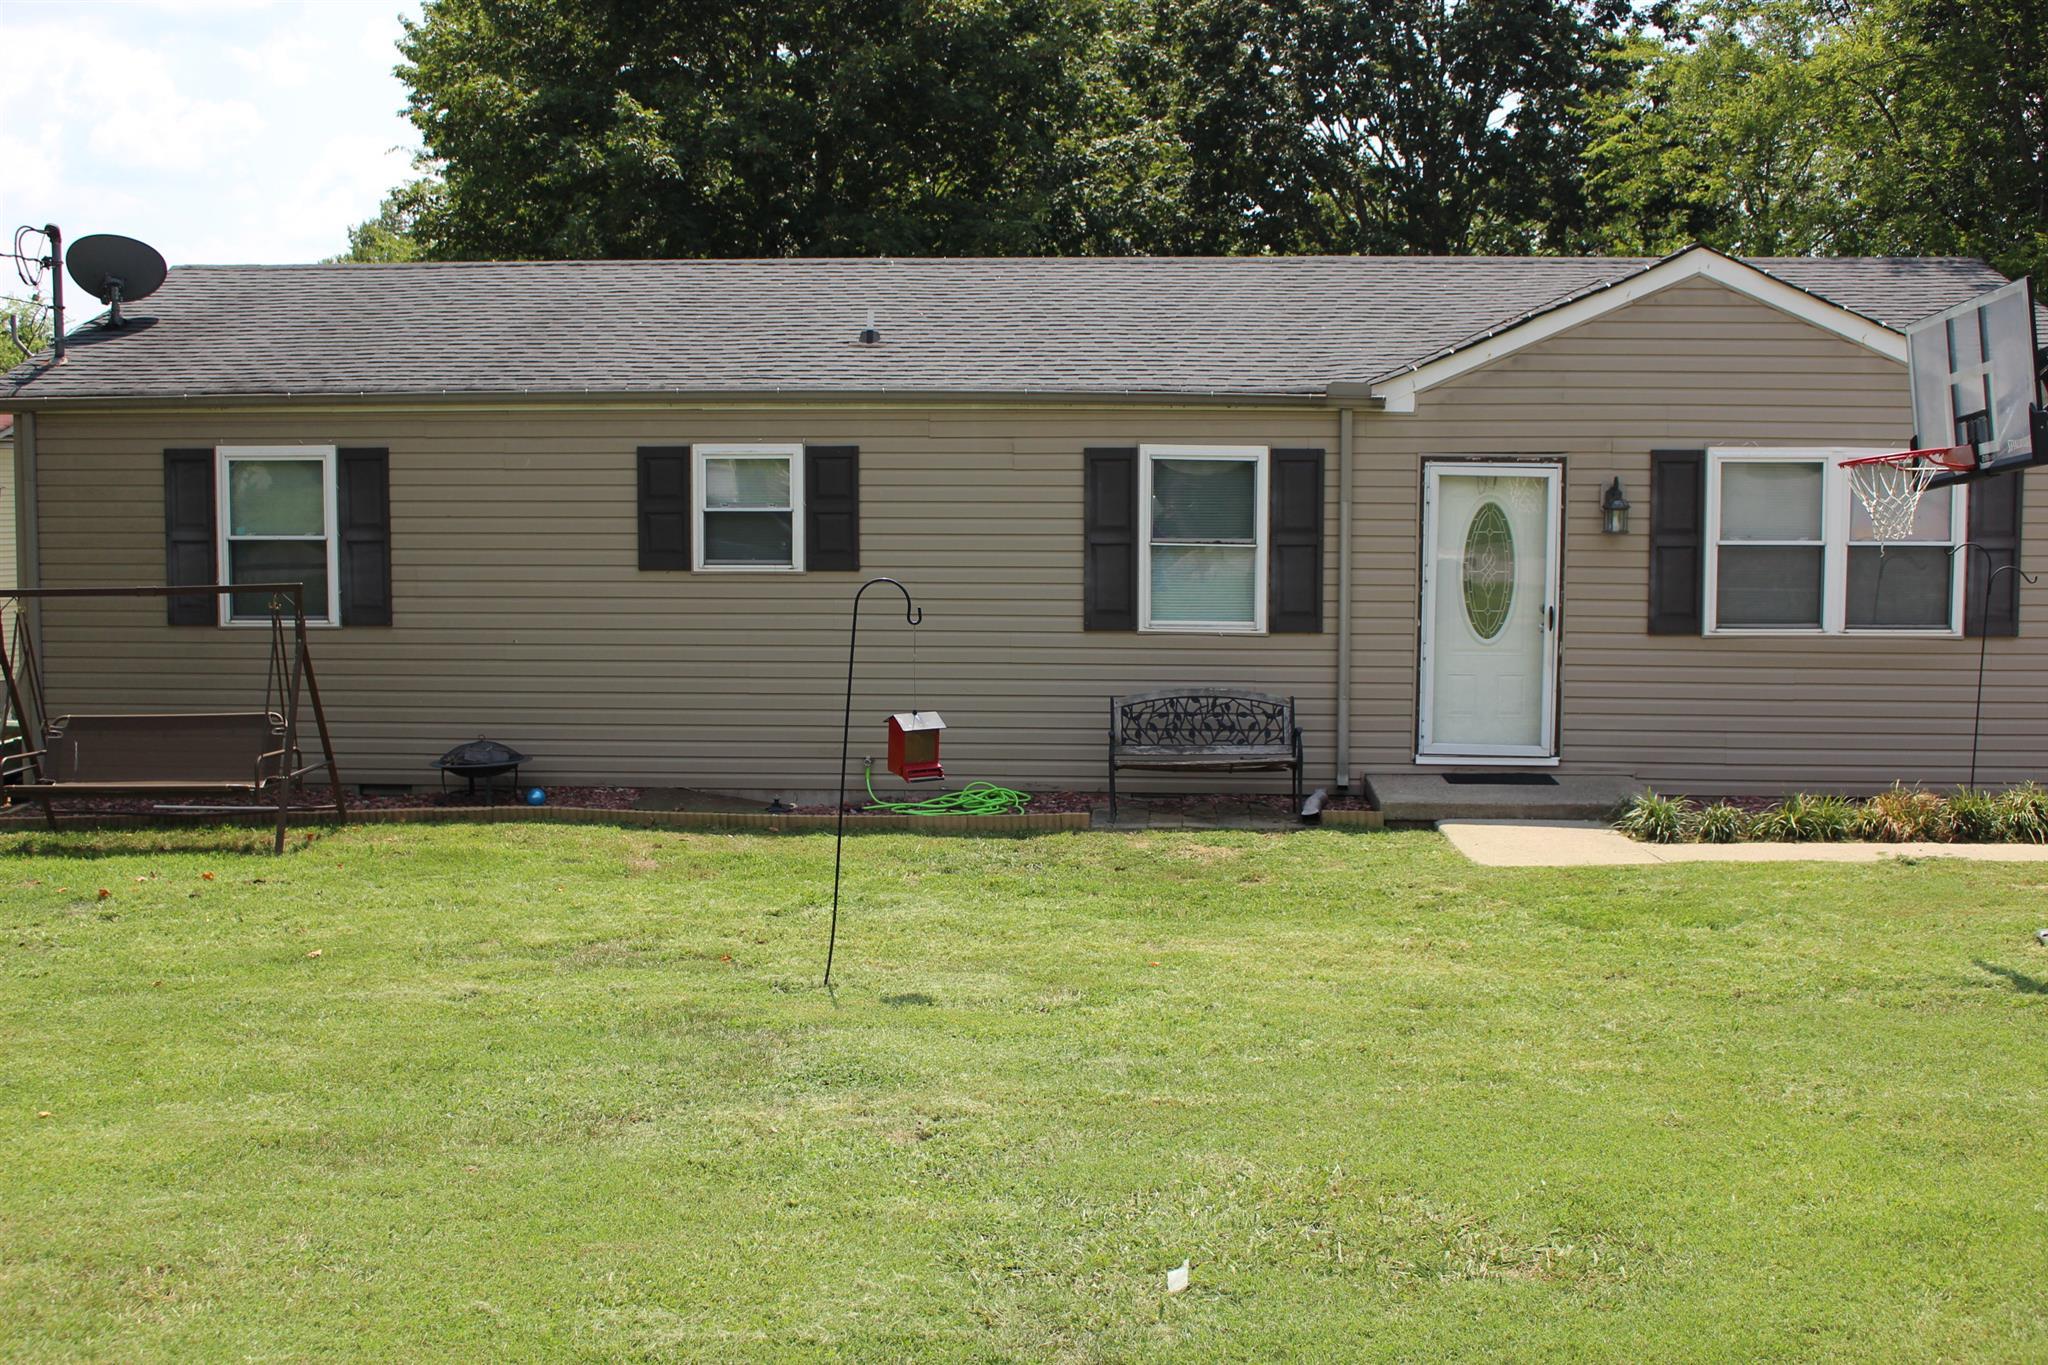 Photo of 104 Ridgeview Ct  LaVergne  TN